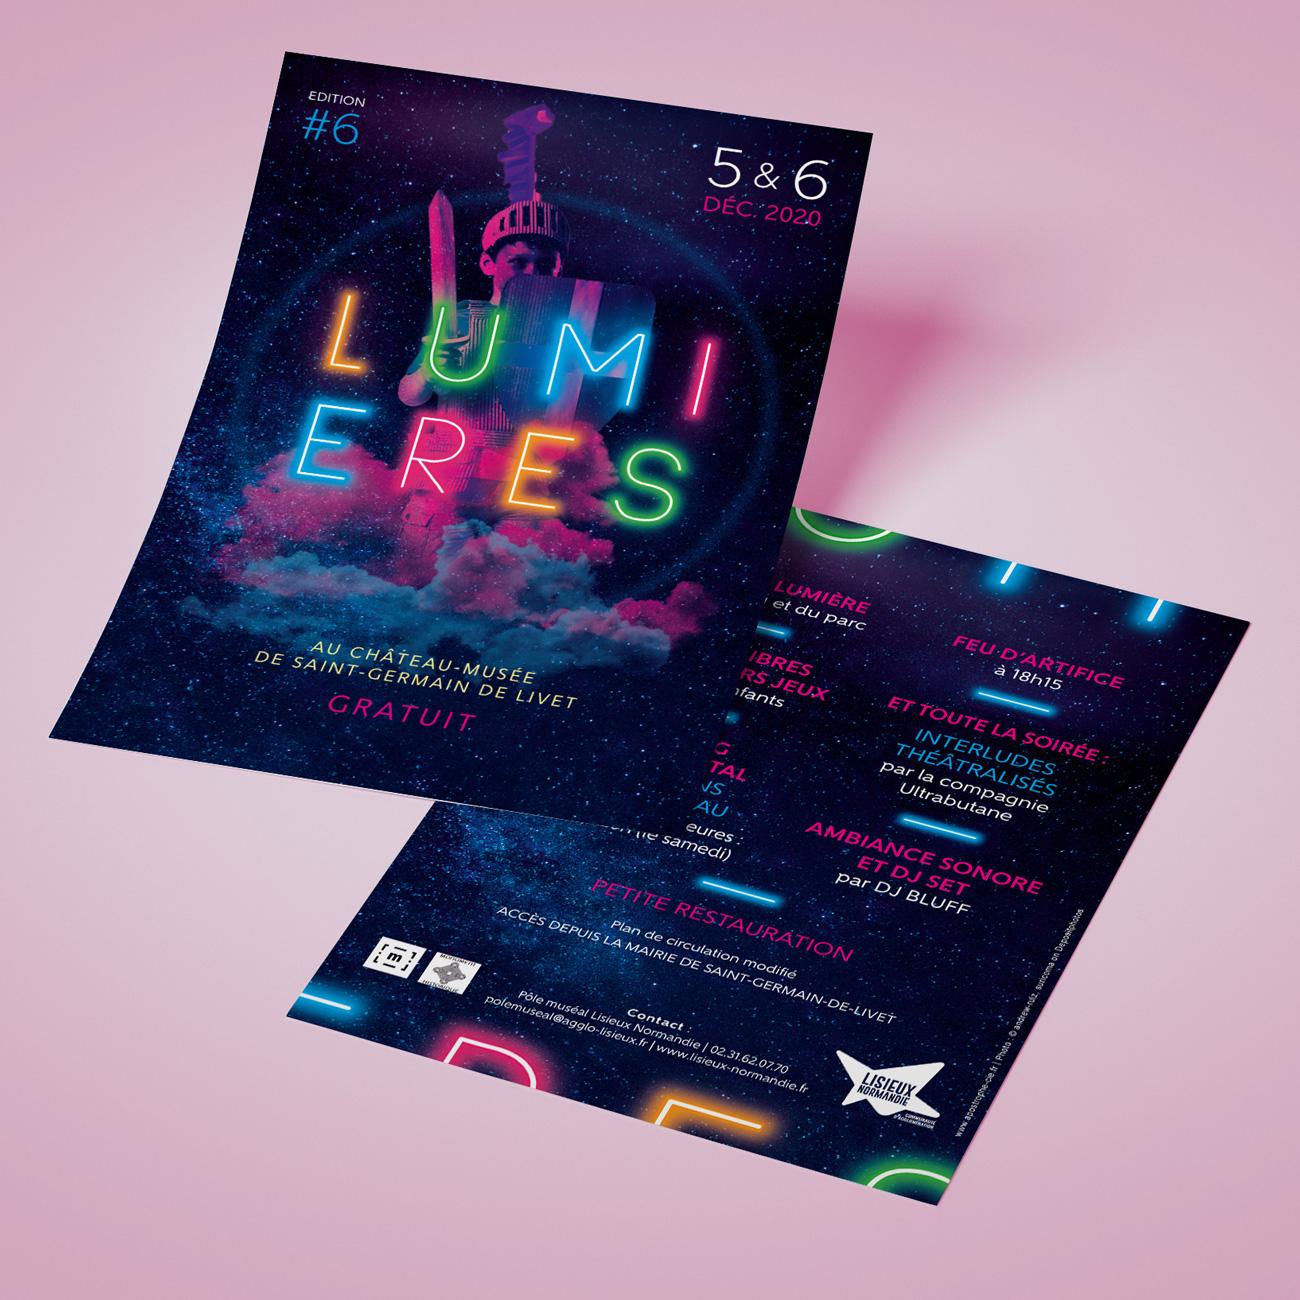 Création flyer évènement festival Lumières